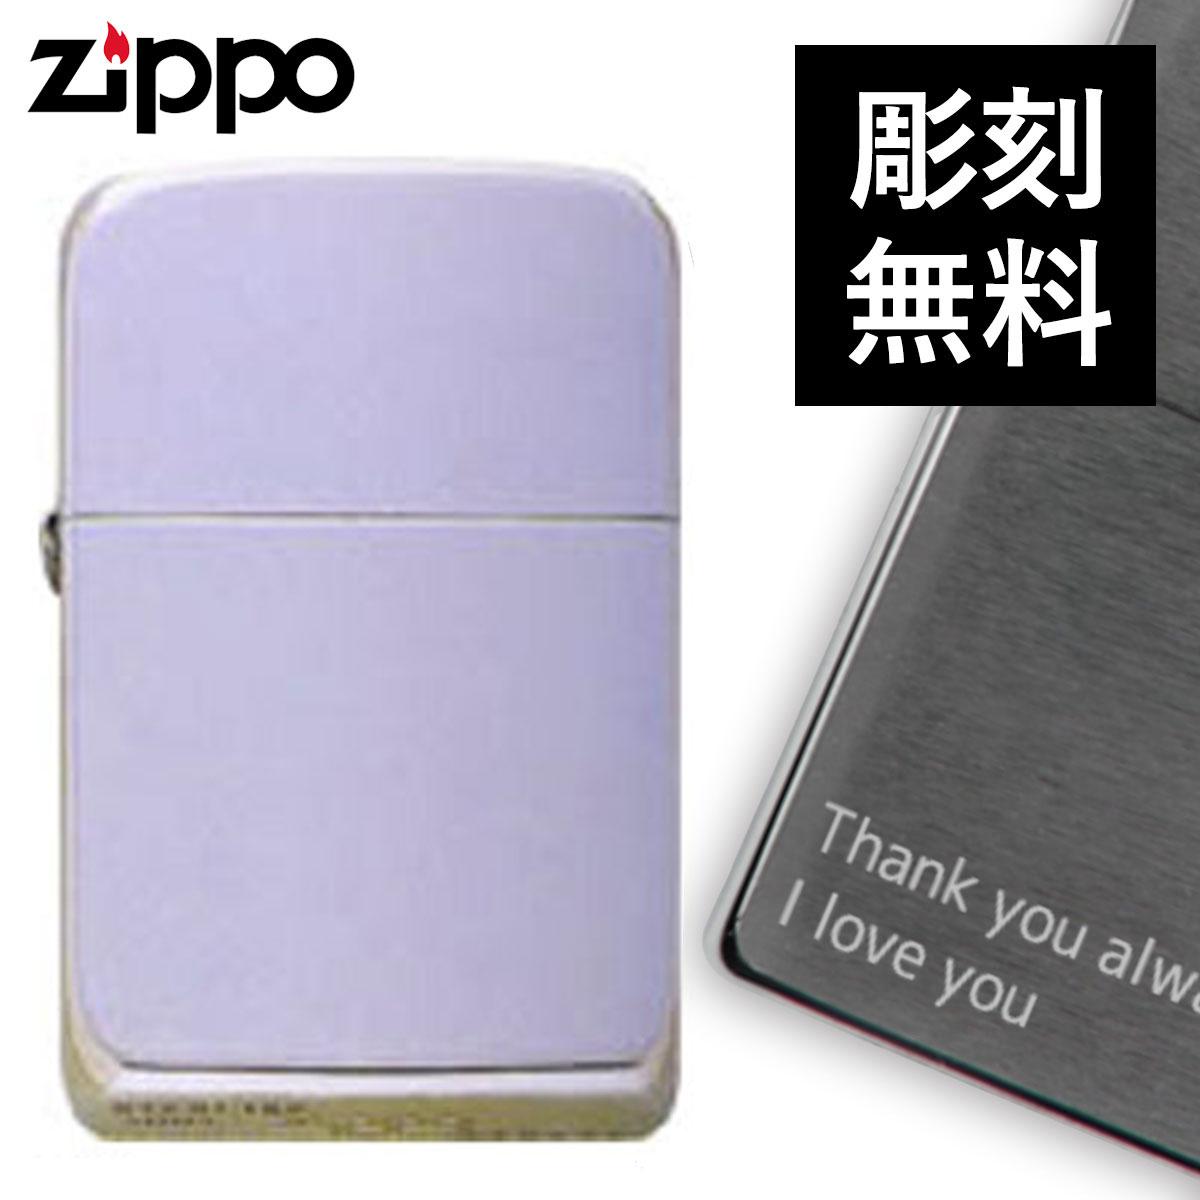 名入れ ネーム 対応 zippo 名入れ ジッポー ライター zippoジッポスターリングシルバー23   (別) 名入れ ギフト ギフト プレゼント 贈り物 返品不可 オイルライター ジッポライター 彼氏 男性 メンズ 喫煙具